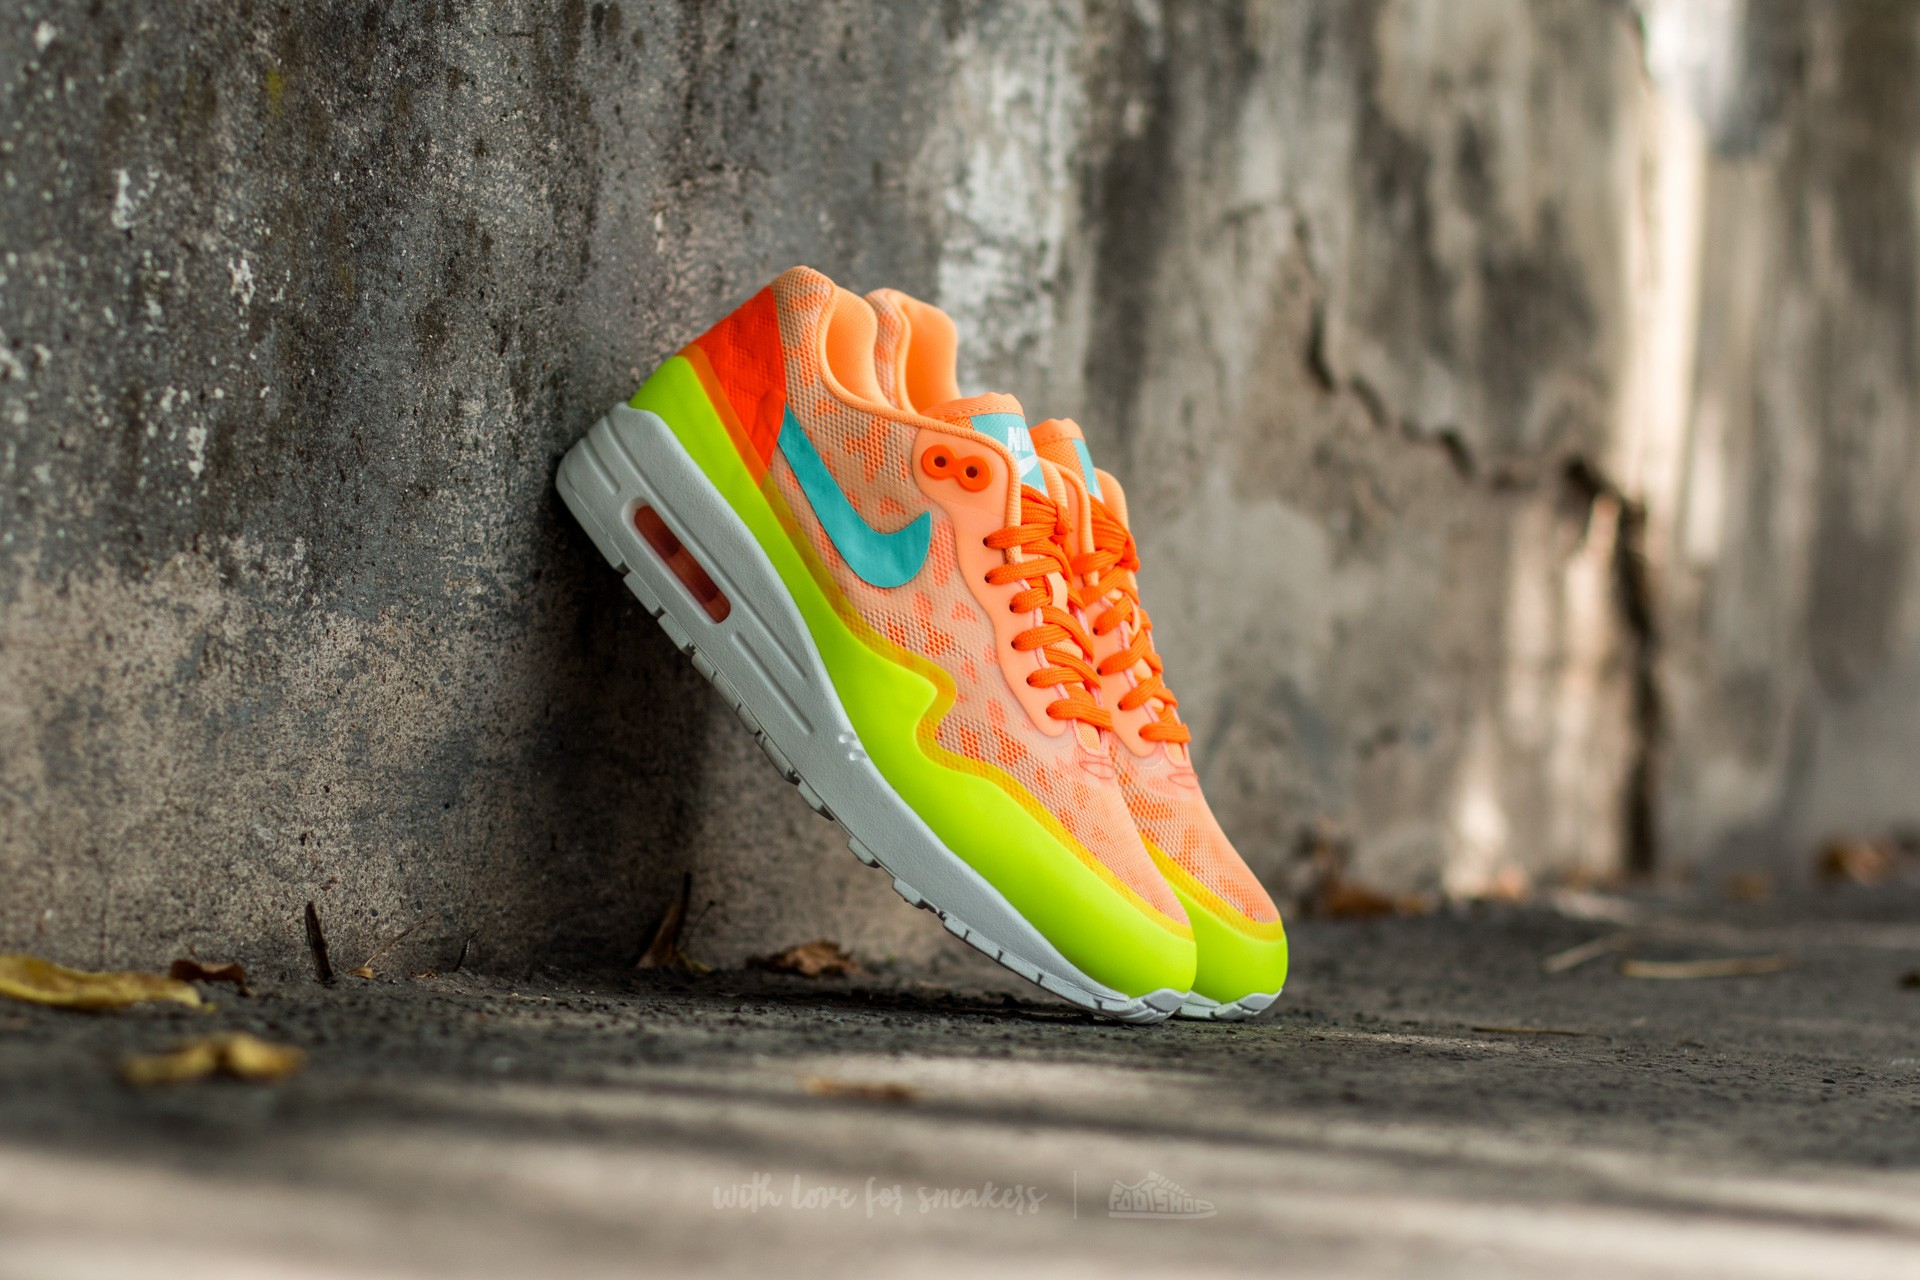 Nike Wmns Air Max 1 Ns Peach Cream  Hyper Turquoise-Total Orange 5886af502